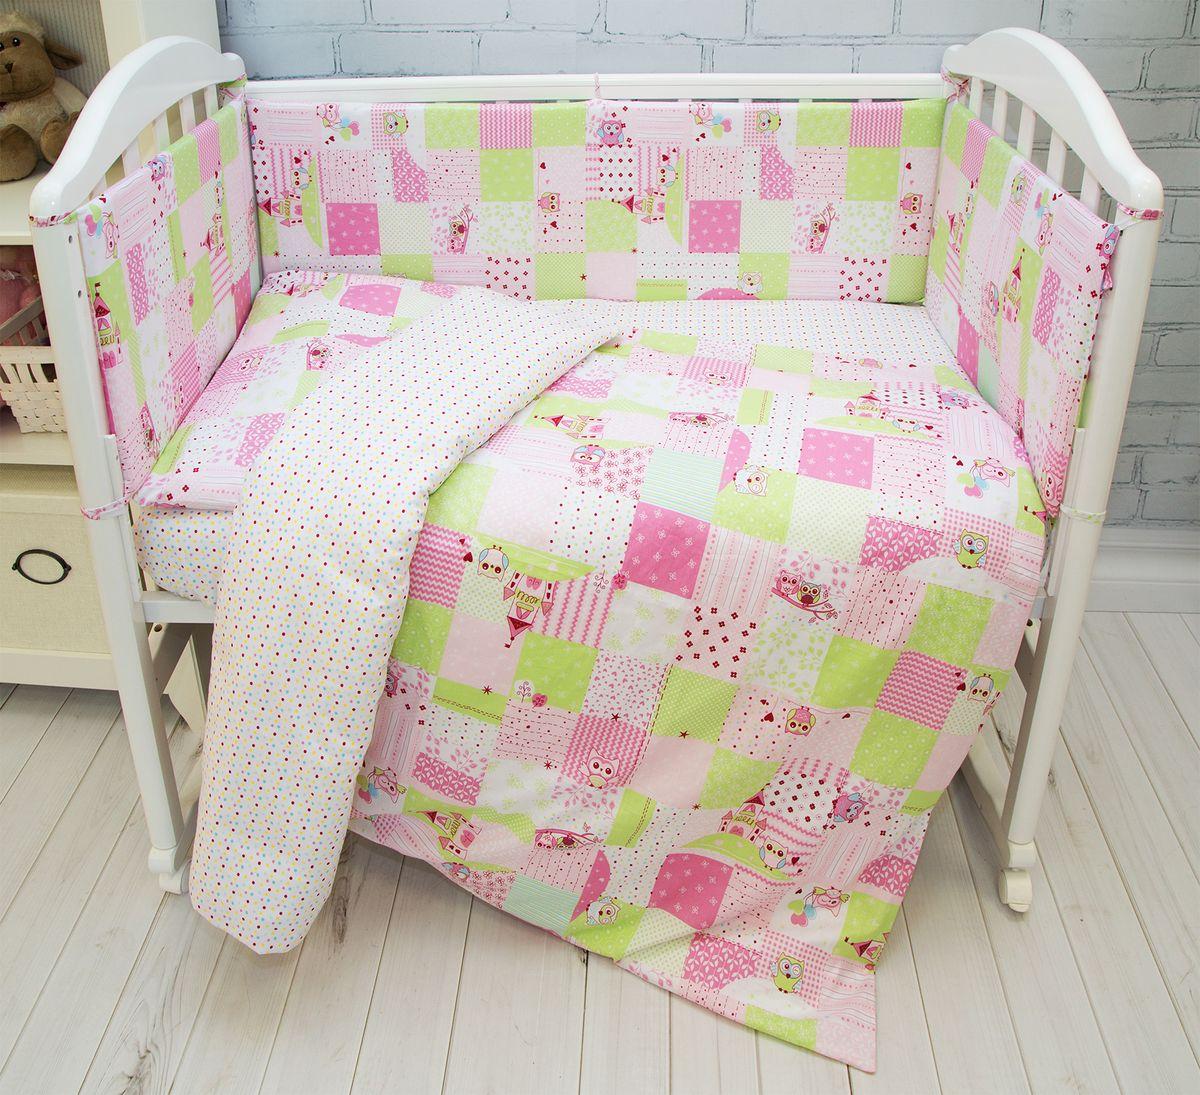 Споки Ноки Бортик для кровати Совы цвет розовый -  Бортики, бамперы